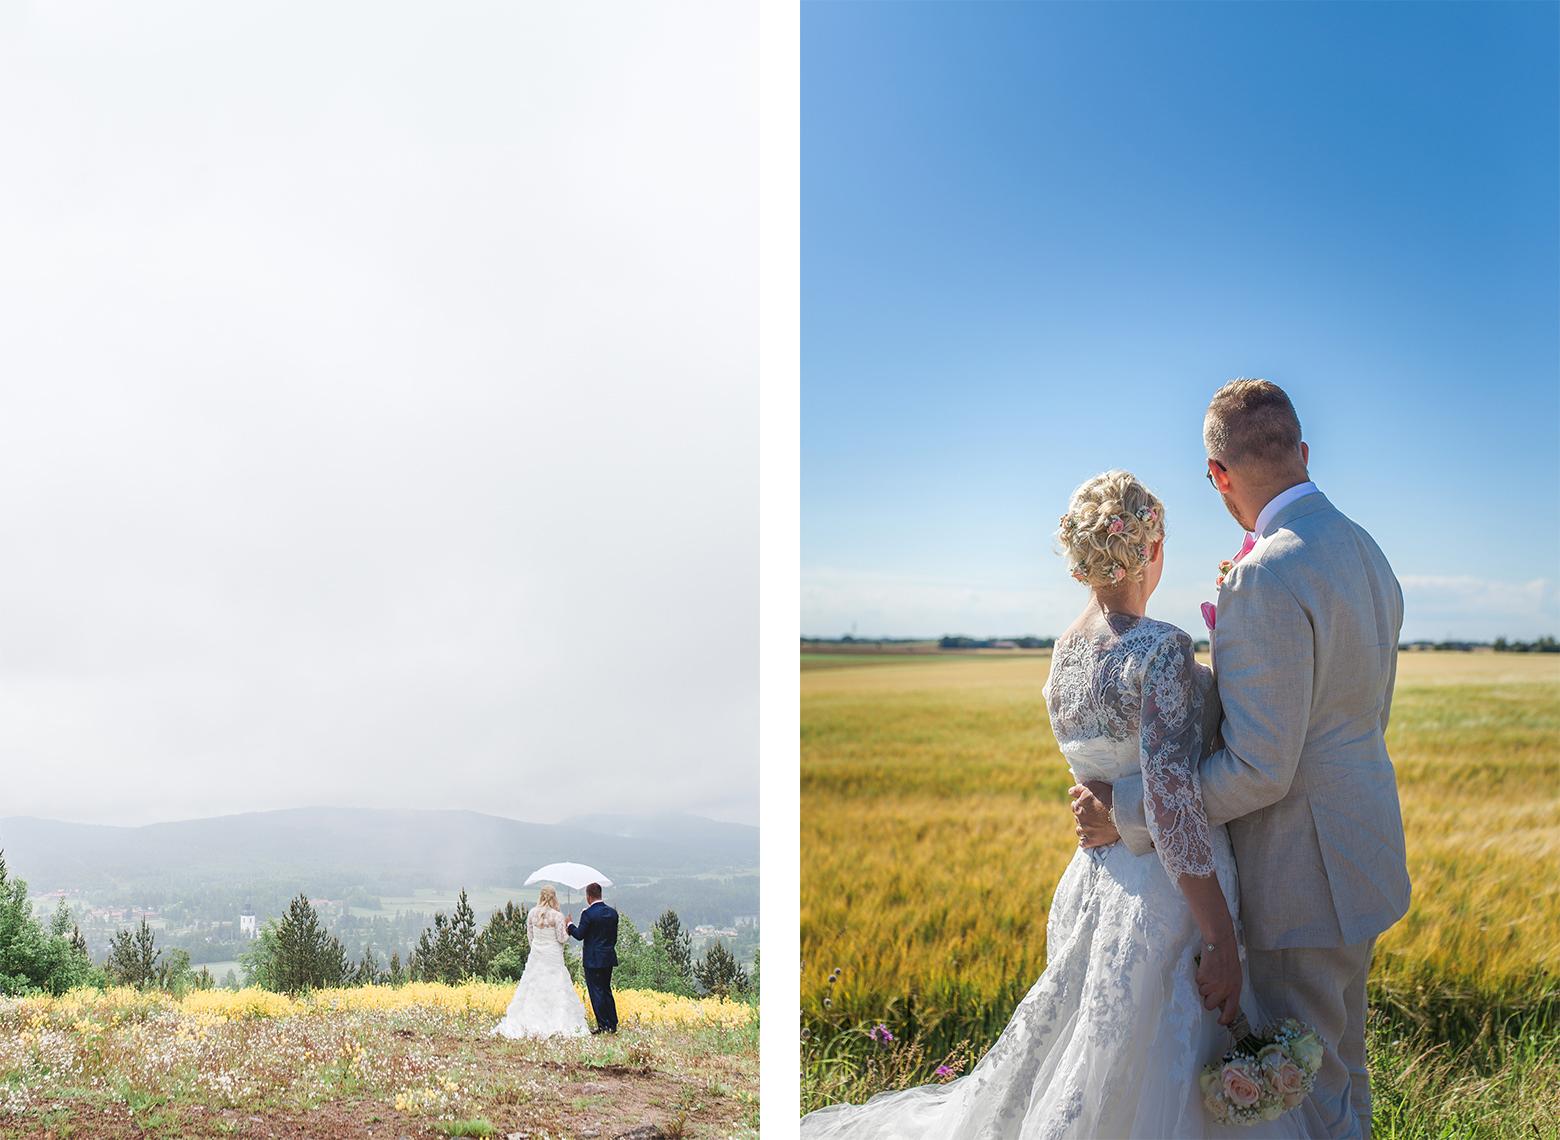 Bröllopsfotograf i Eksjö Nässjö Jönköping